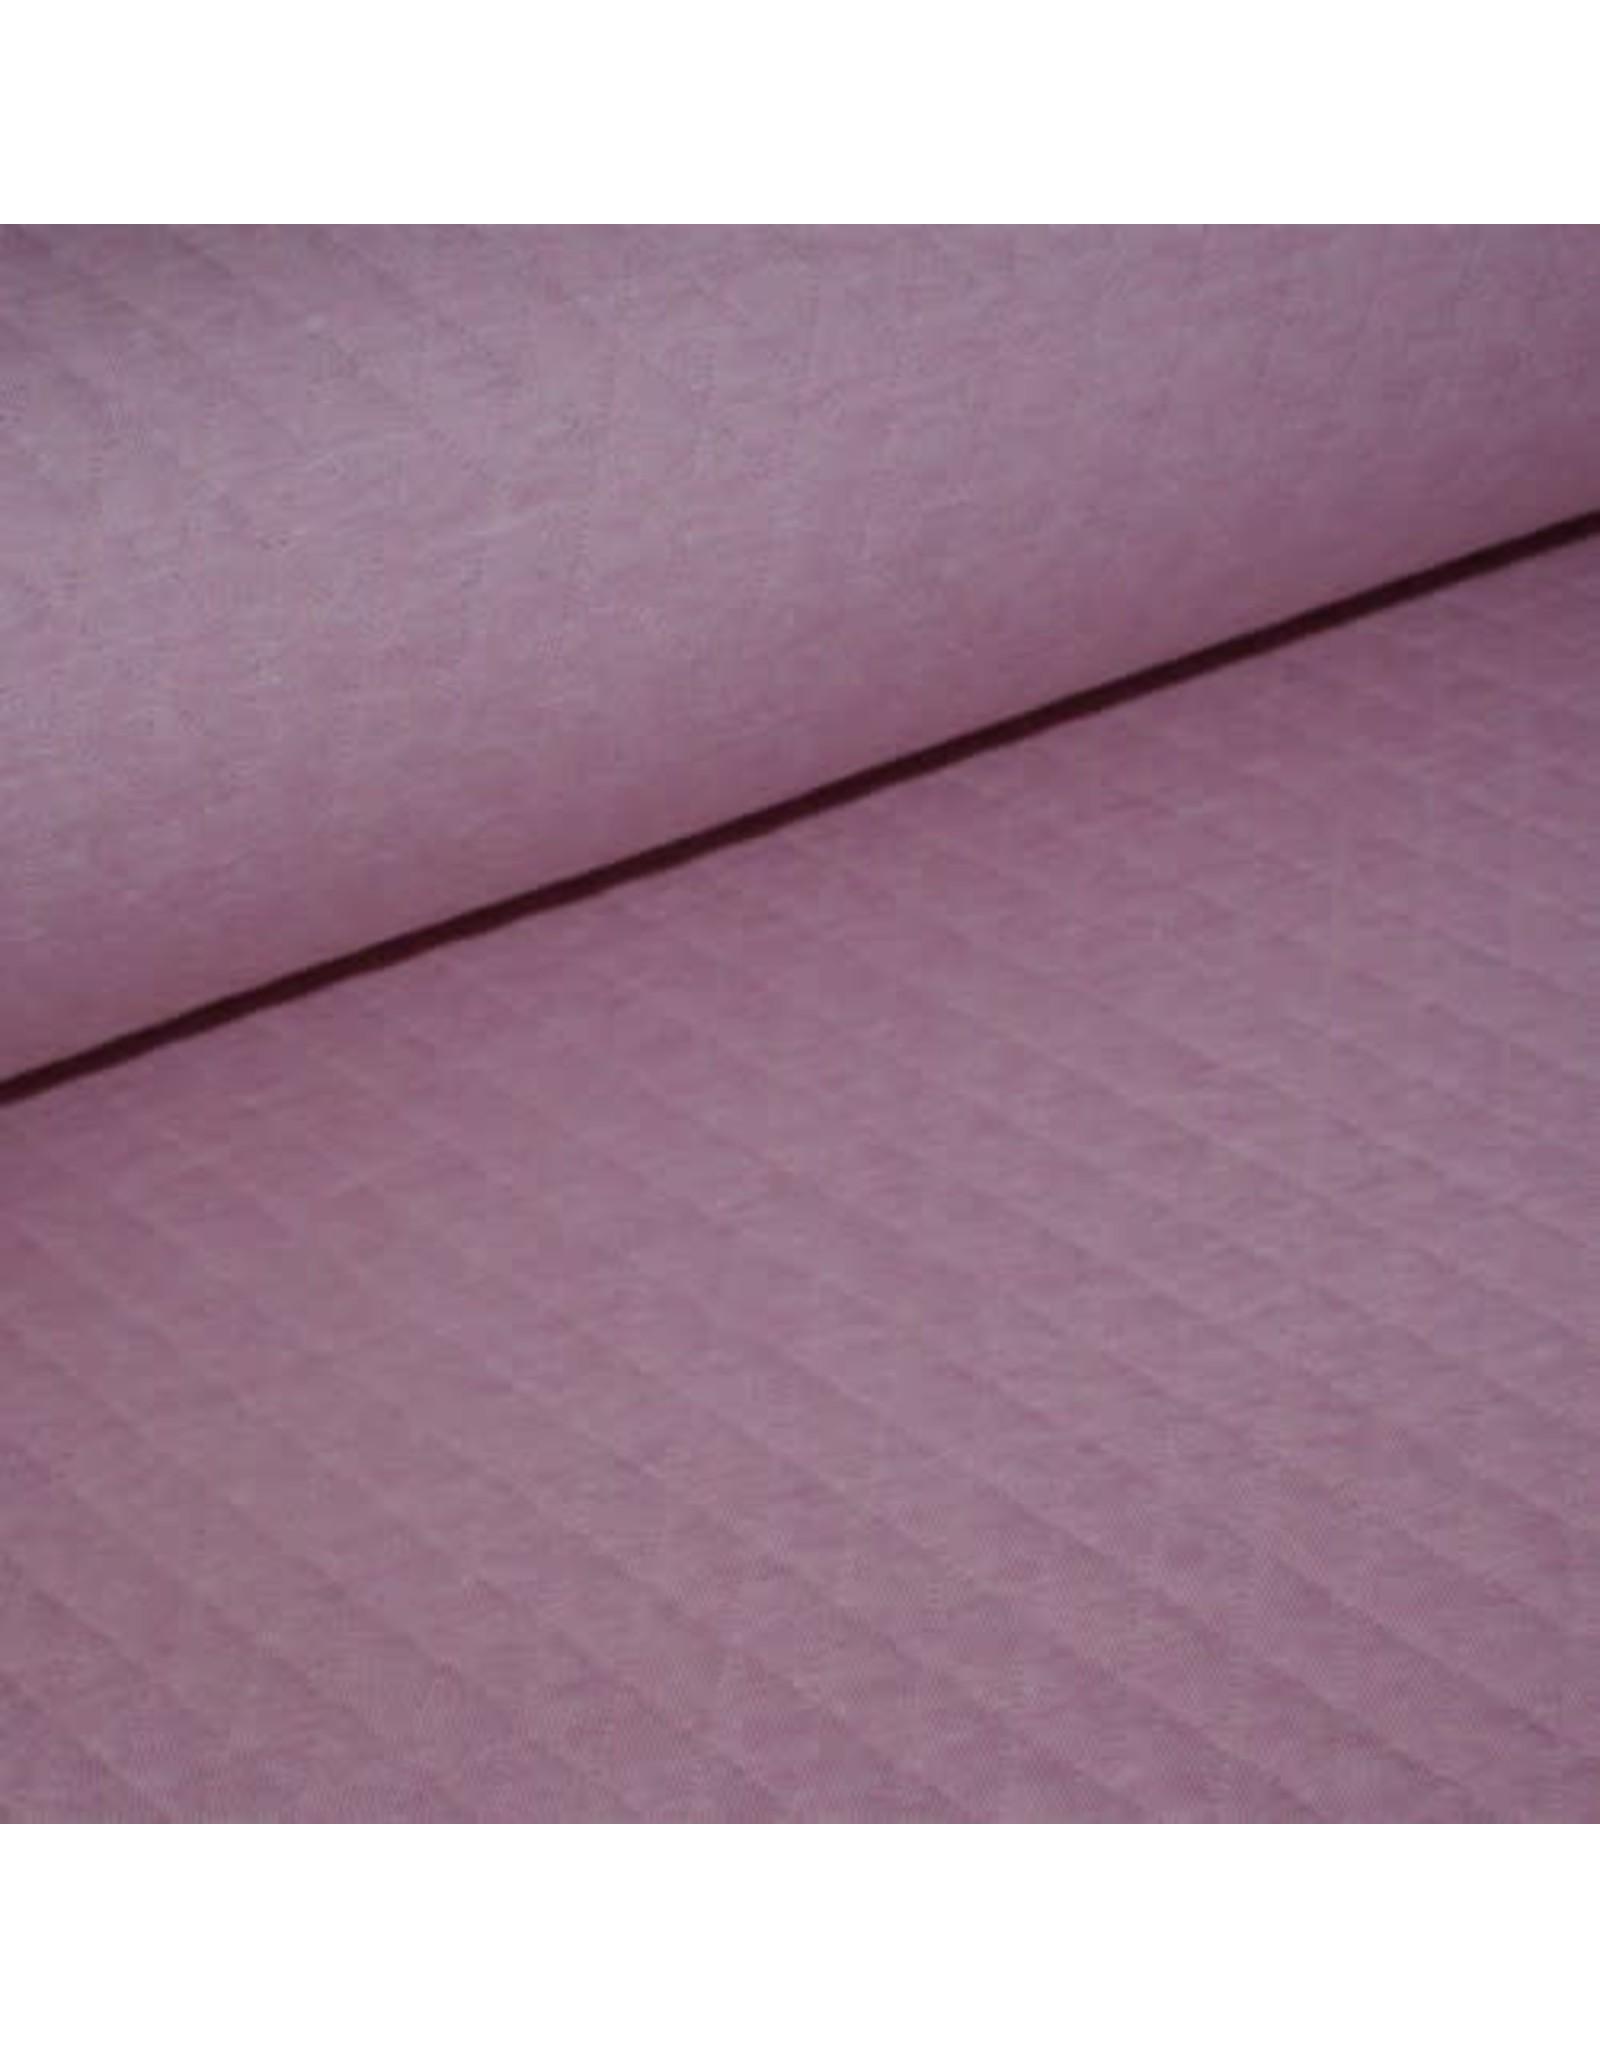 Domotex Gewatteerde doorstikte jersey roze